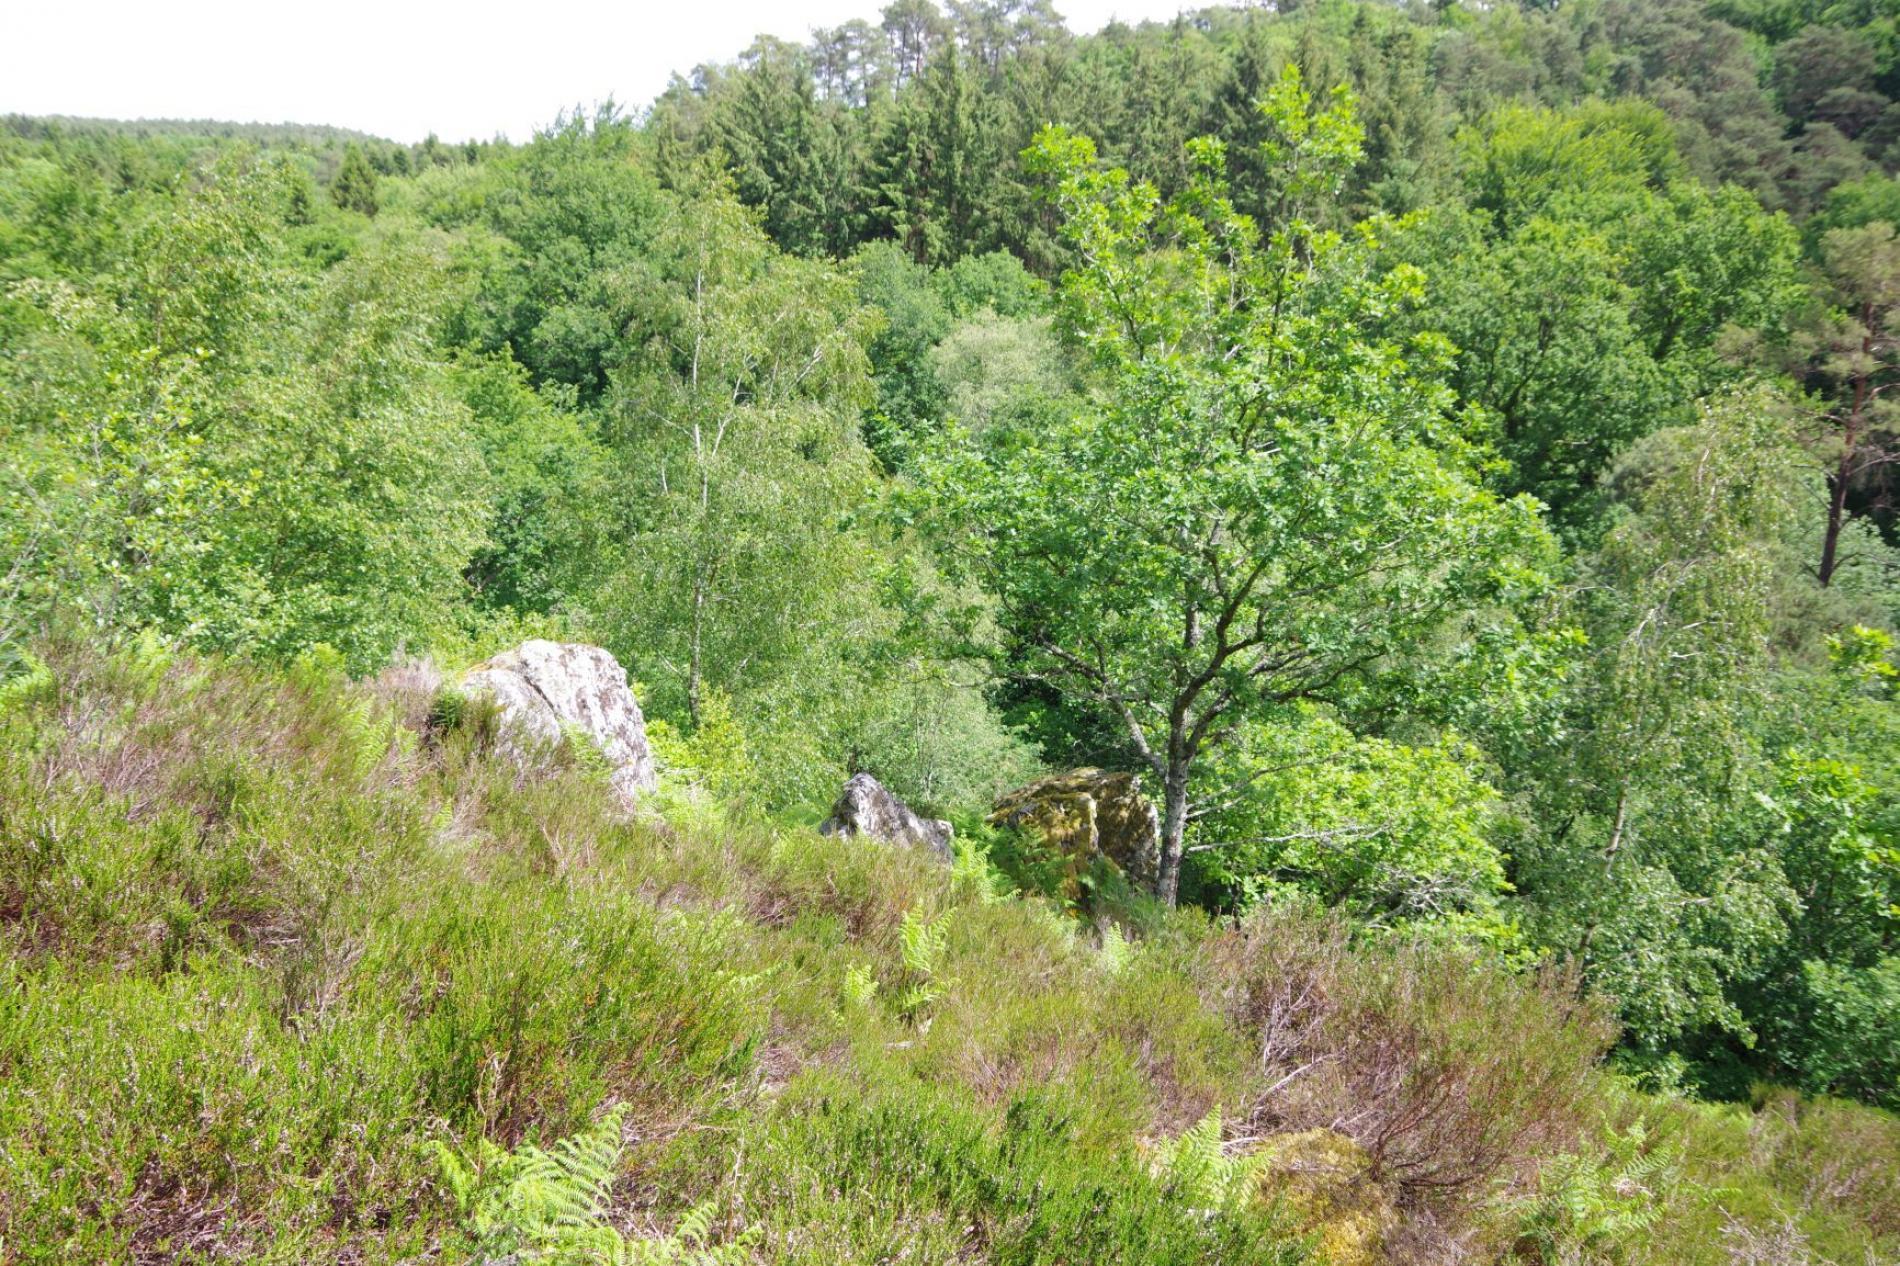 Gorges de Villiers proche de l'hôtel SPA Le Roc Au Chien Bagnoles de l'Orne Normandie